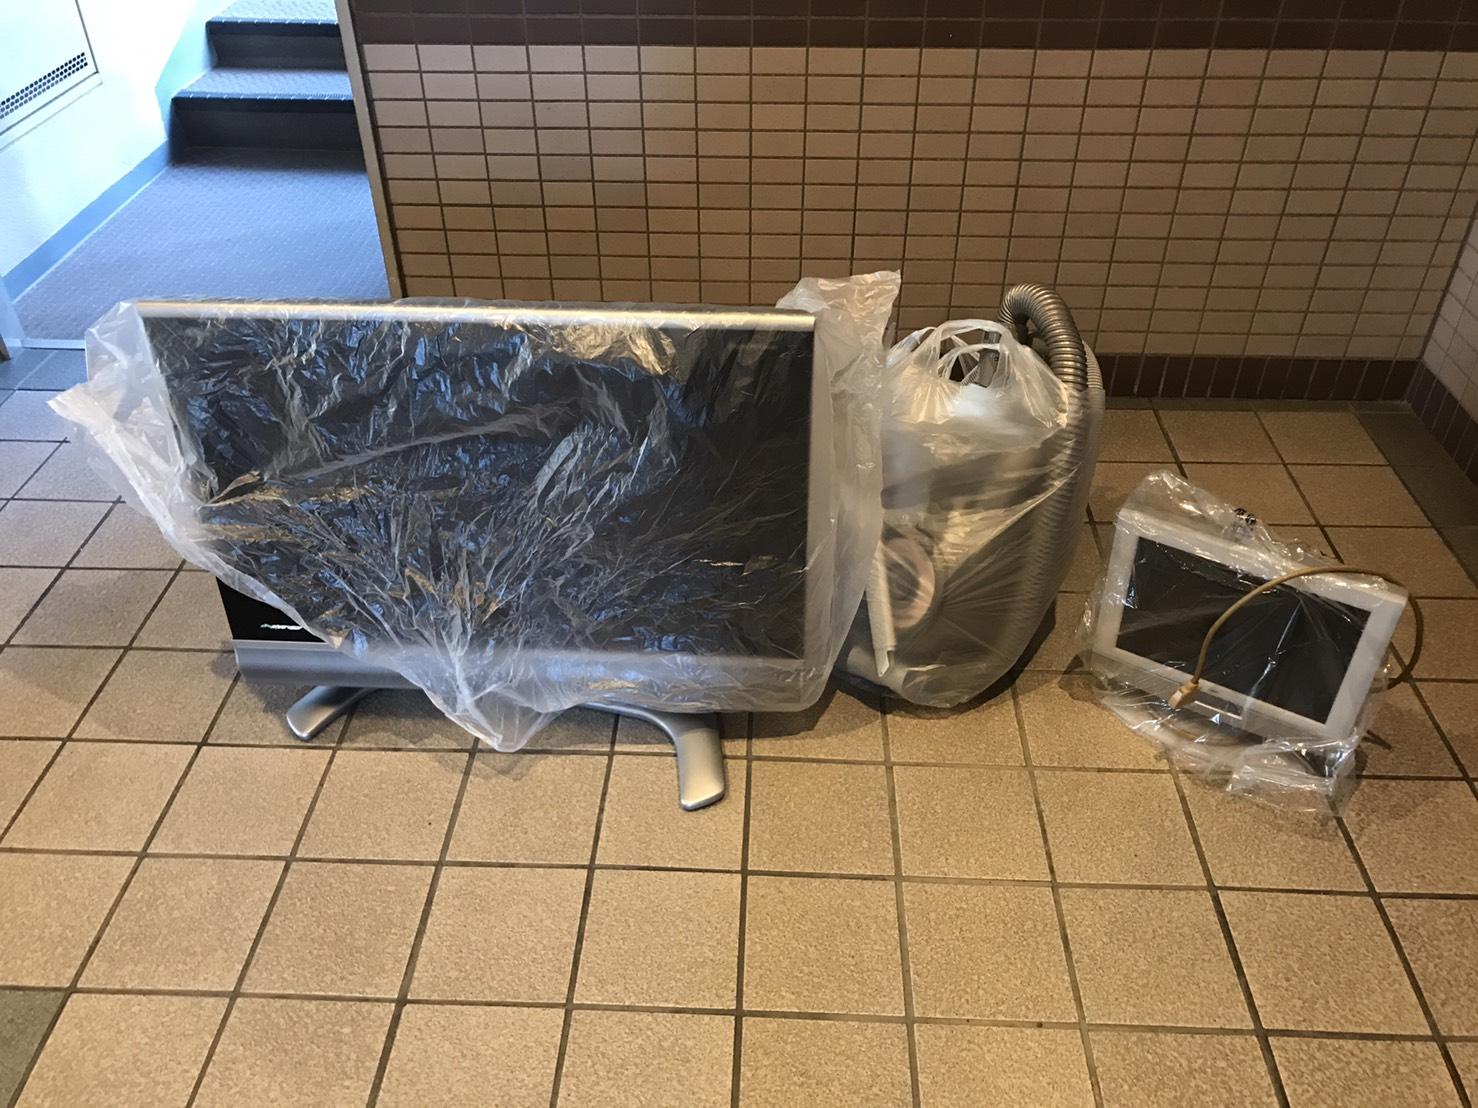 滋賀県大津市のテレビの回収前